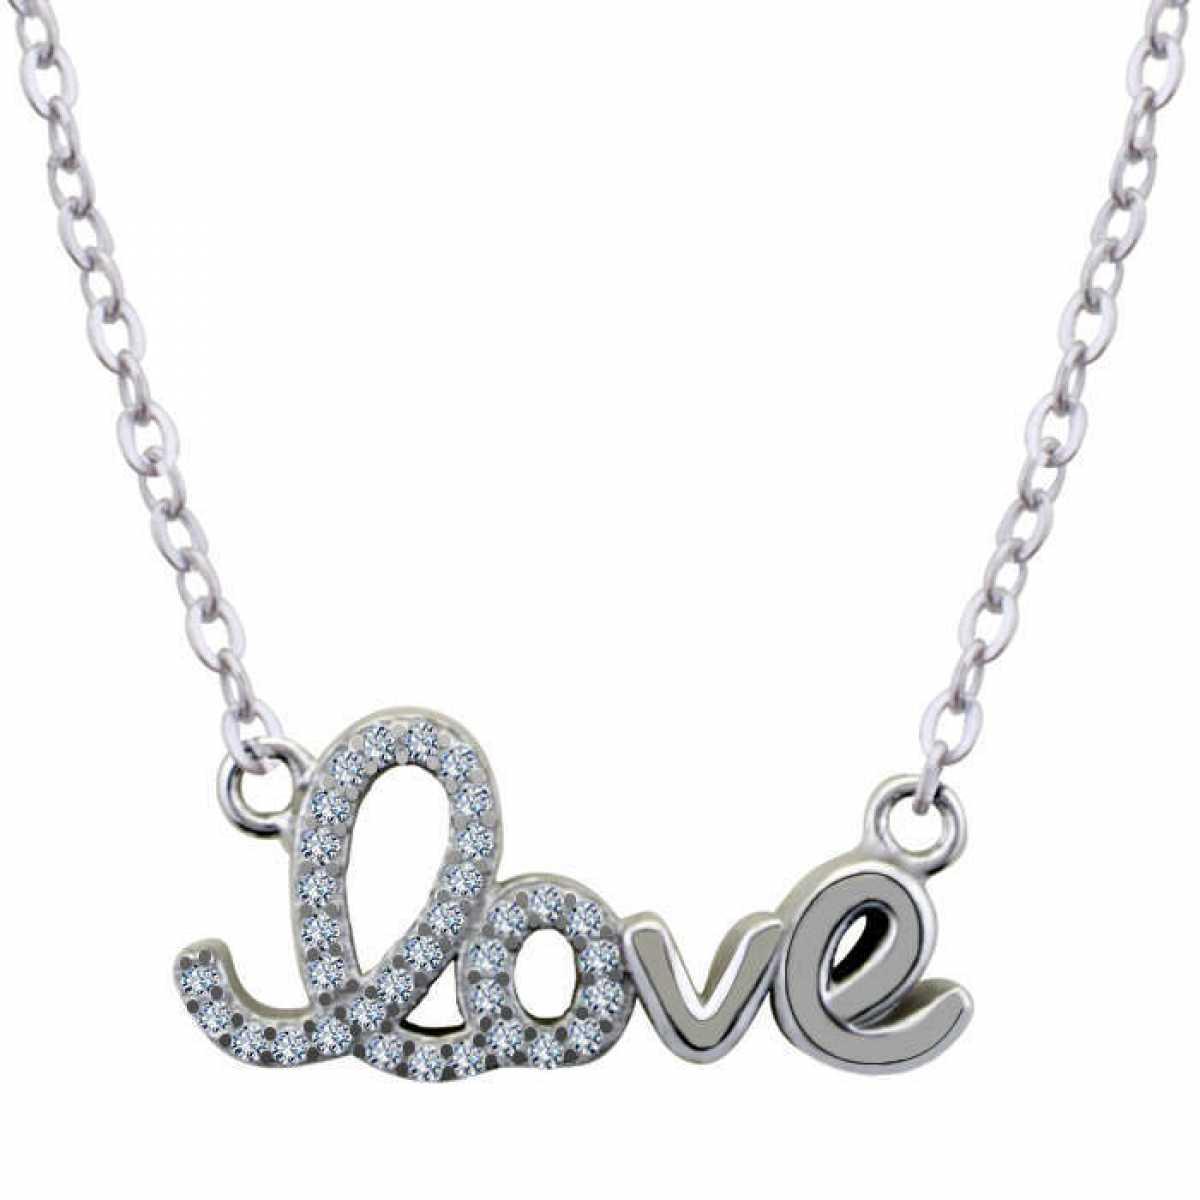 Delicate Love Silver Chain